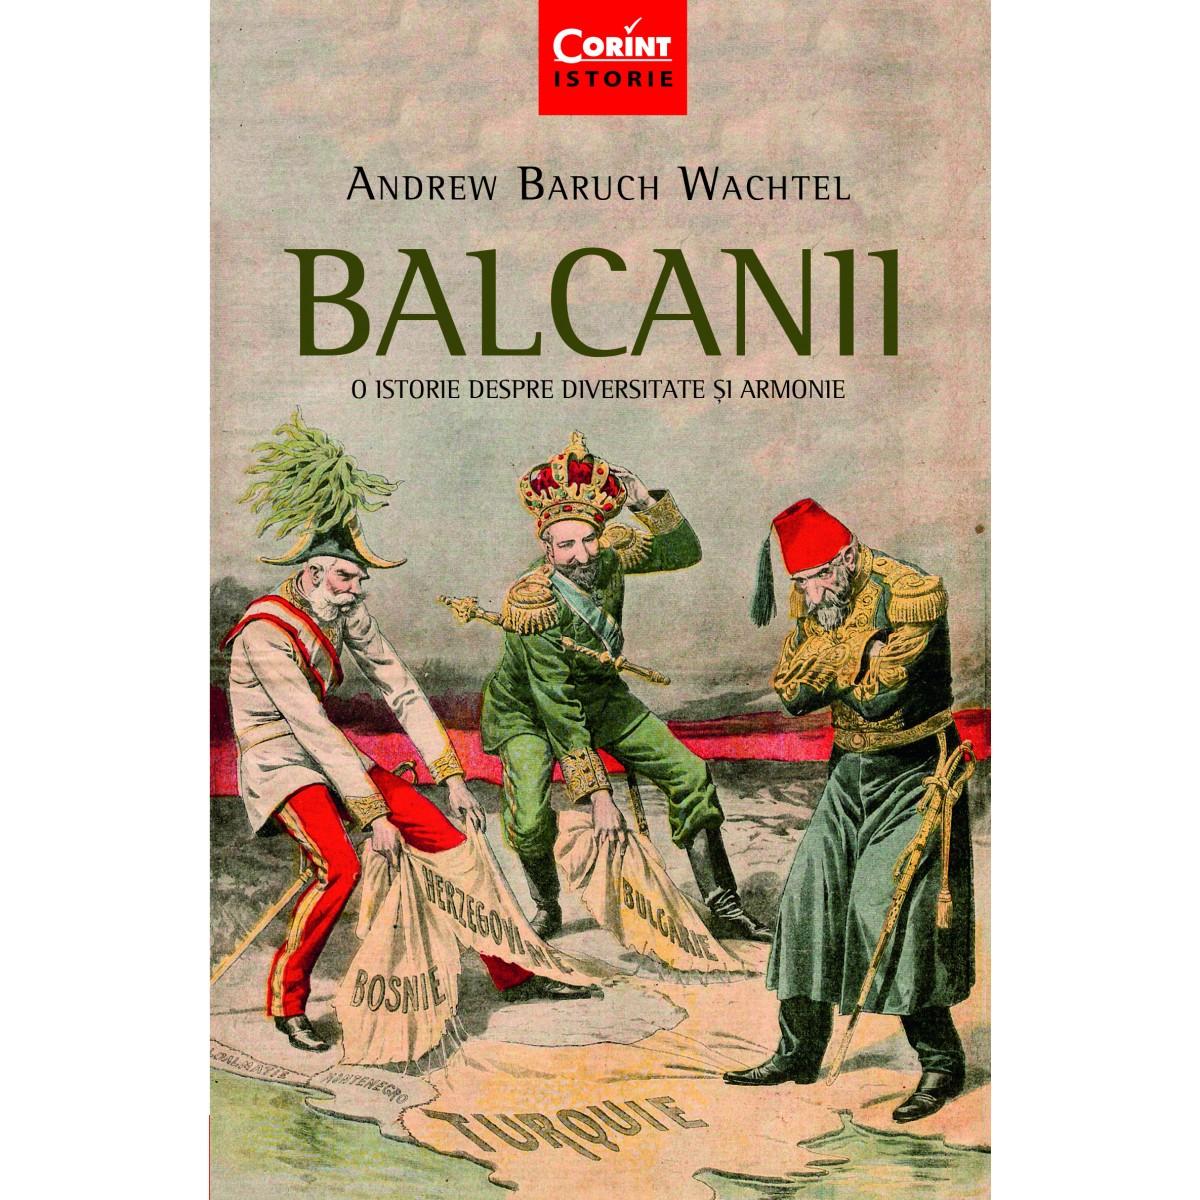 Imagini pentru balcanii o istorie despre diversitate